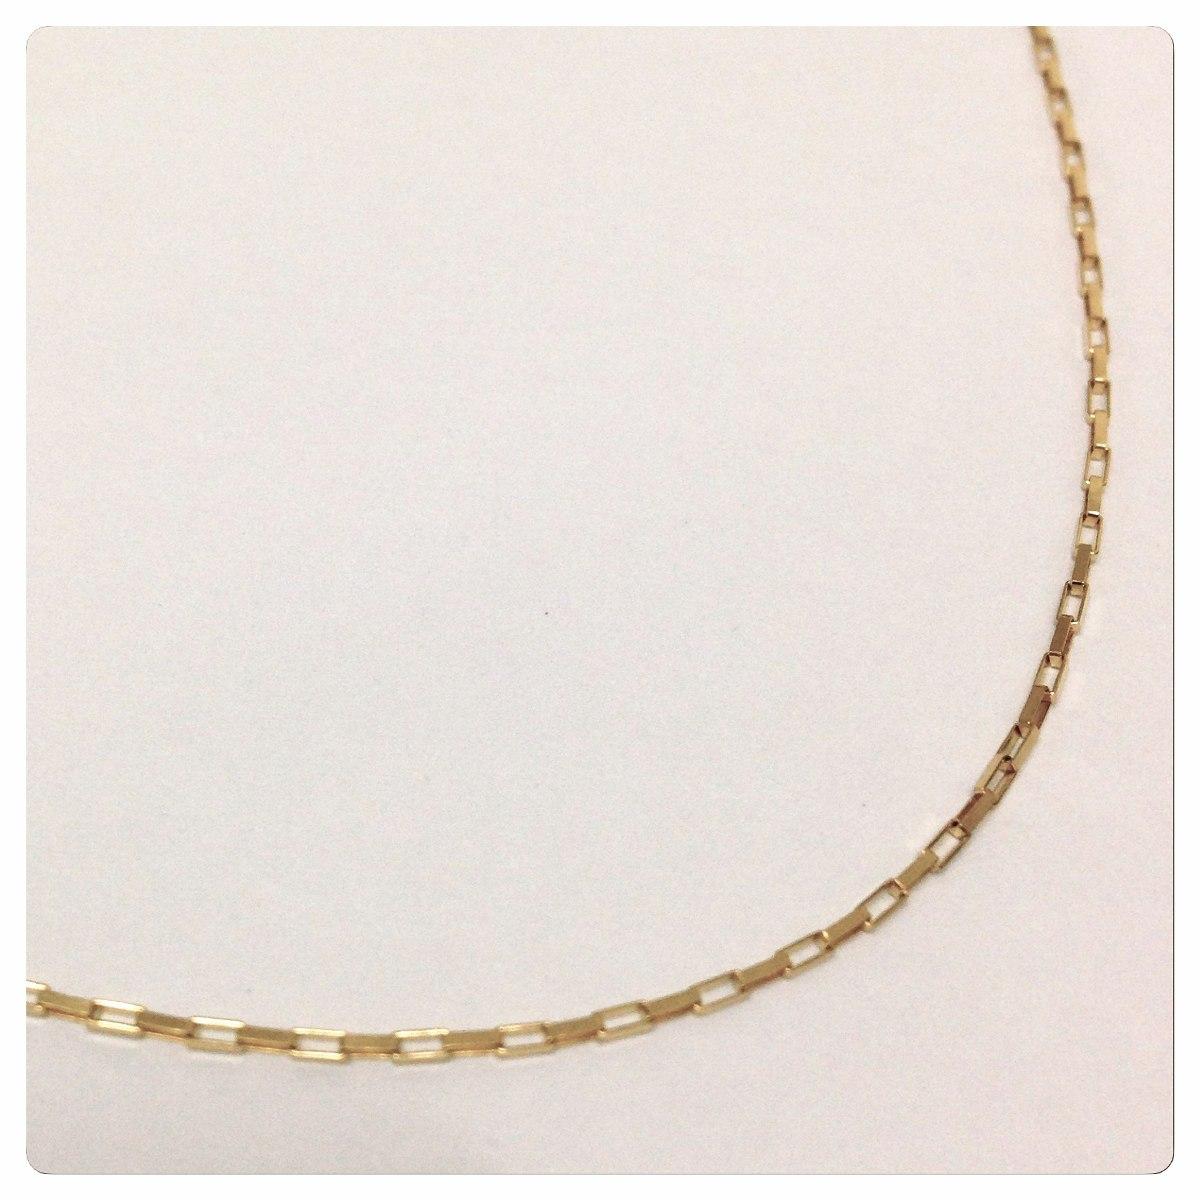 2eb94e73e05 corrente masculino de 50 cm 1.20 grs 1 mm todo de ouro 18k. Carregando zoom.